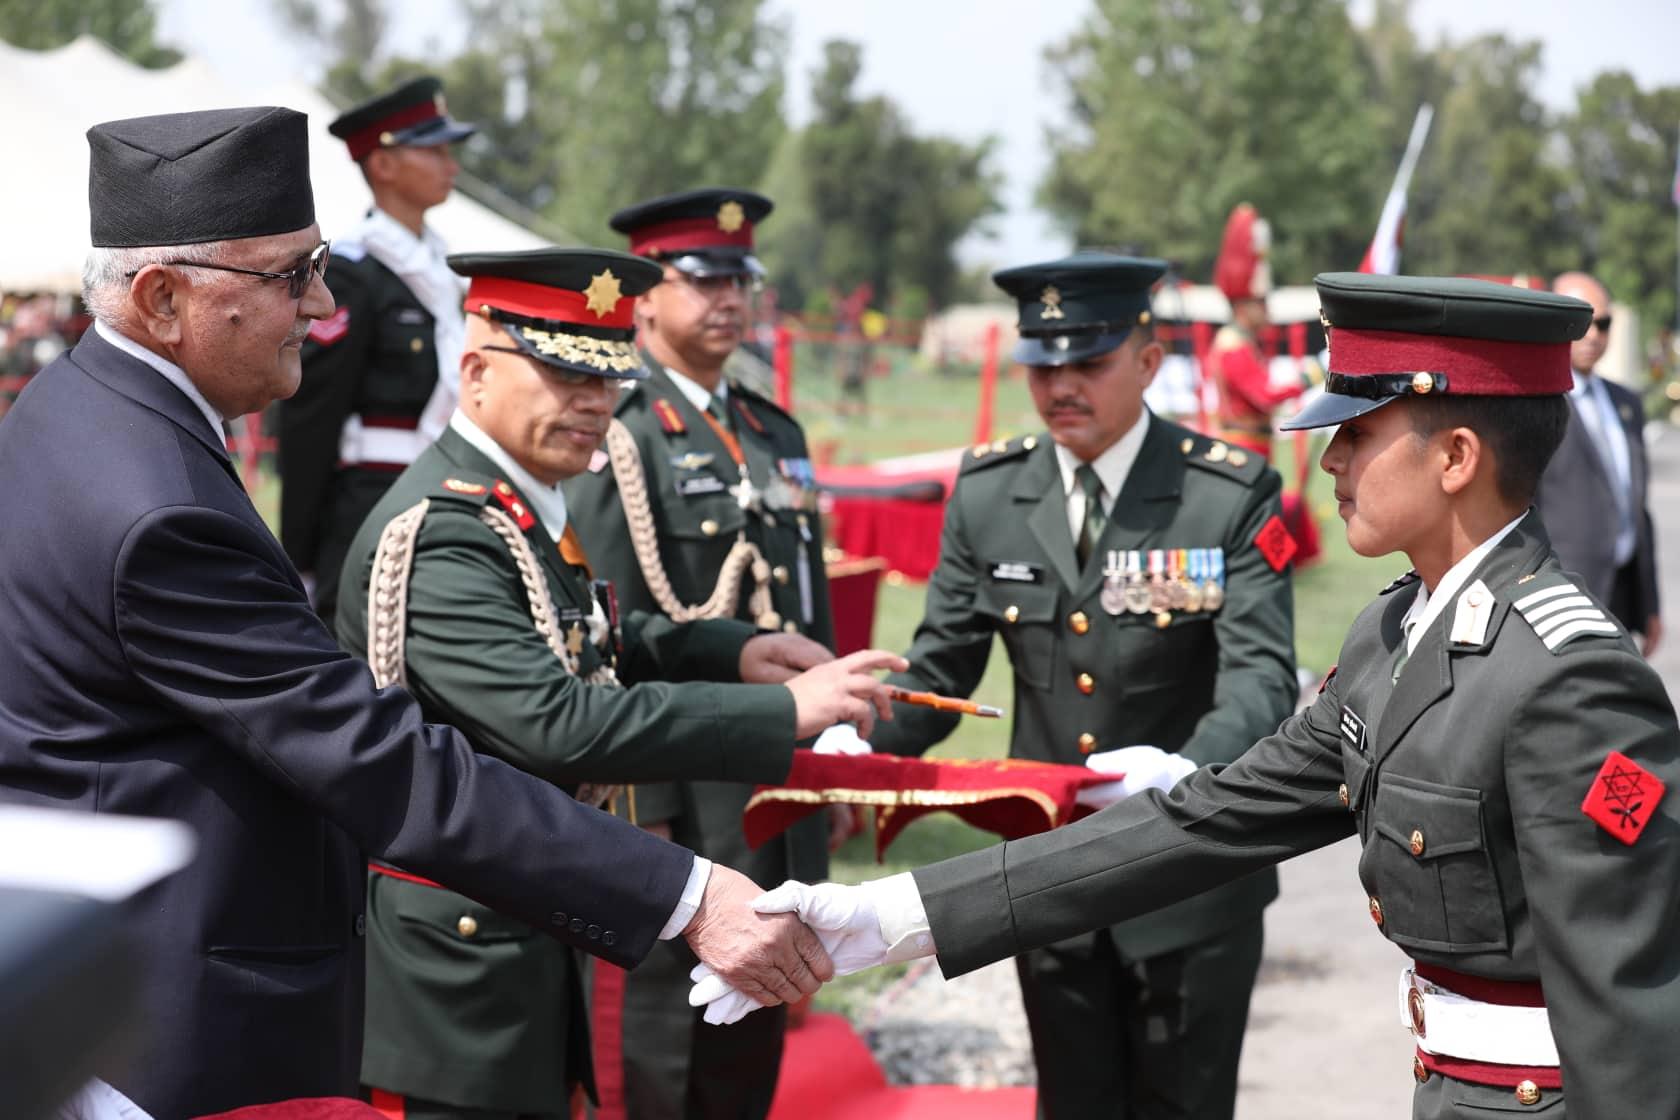 पृथ्वीनारायणको नेतृत्वमा थालिएको नेपाल एकिकरण  नेपाली सेनाले अन्त्य गरेको सत्य होः प्रधानमन्त्री